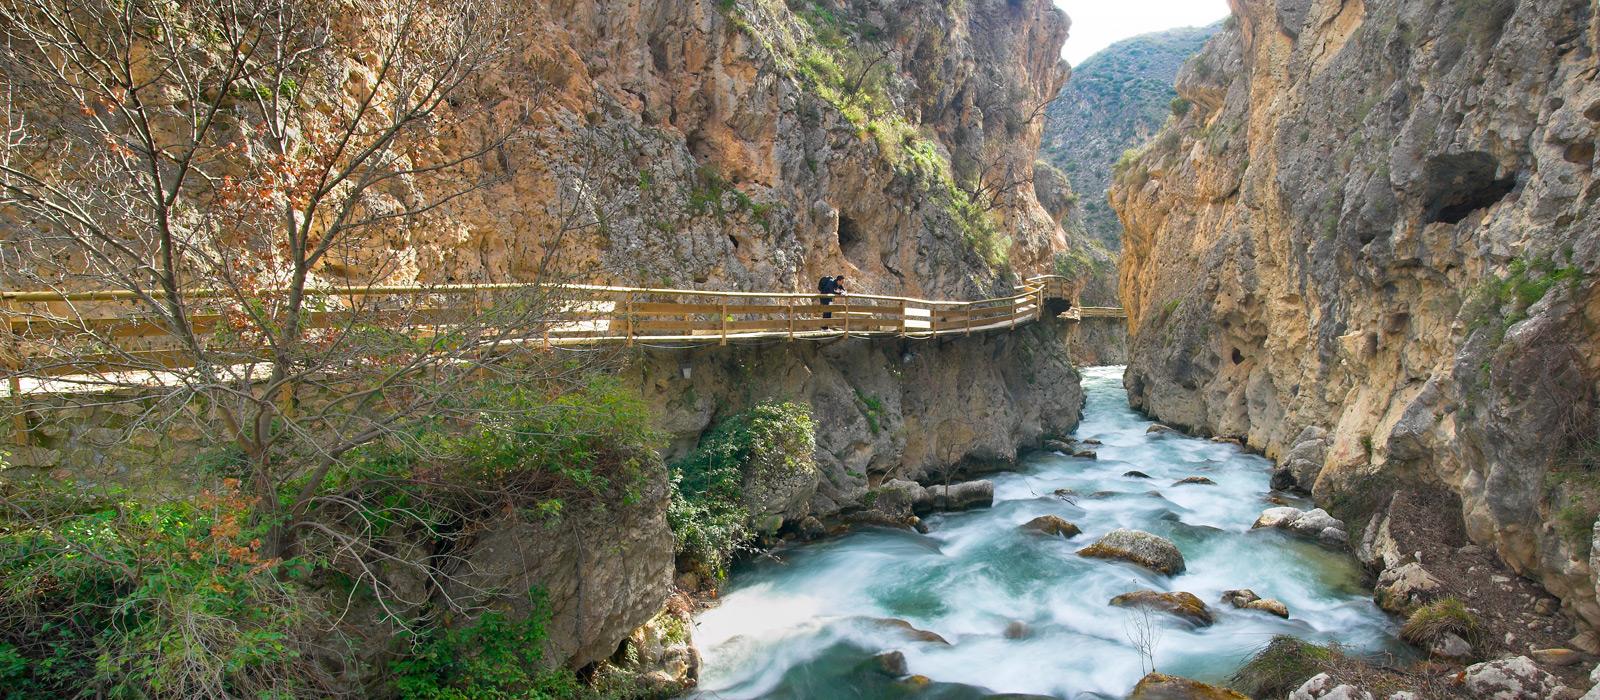 Piden la caducidad de las expropiaciones para el trasvase del río Castril